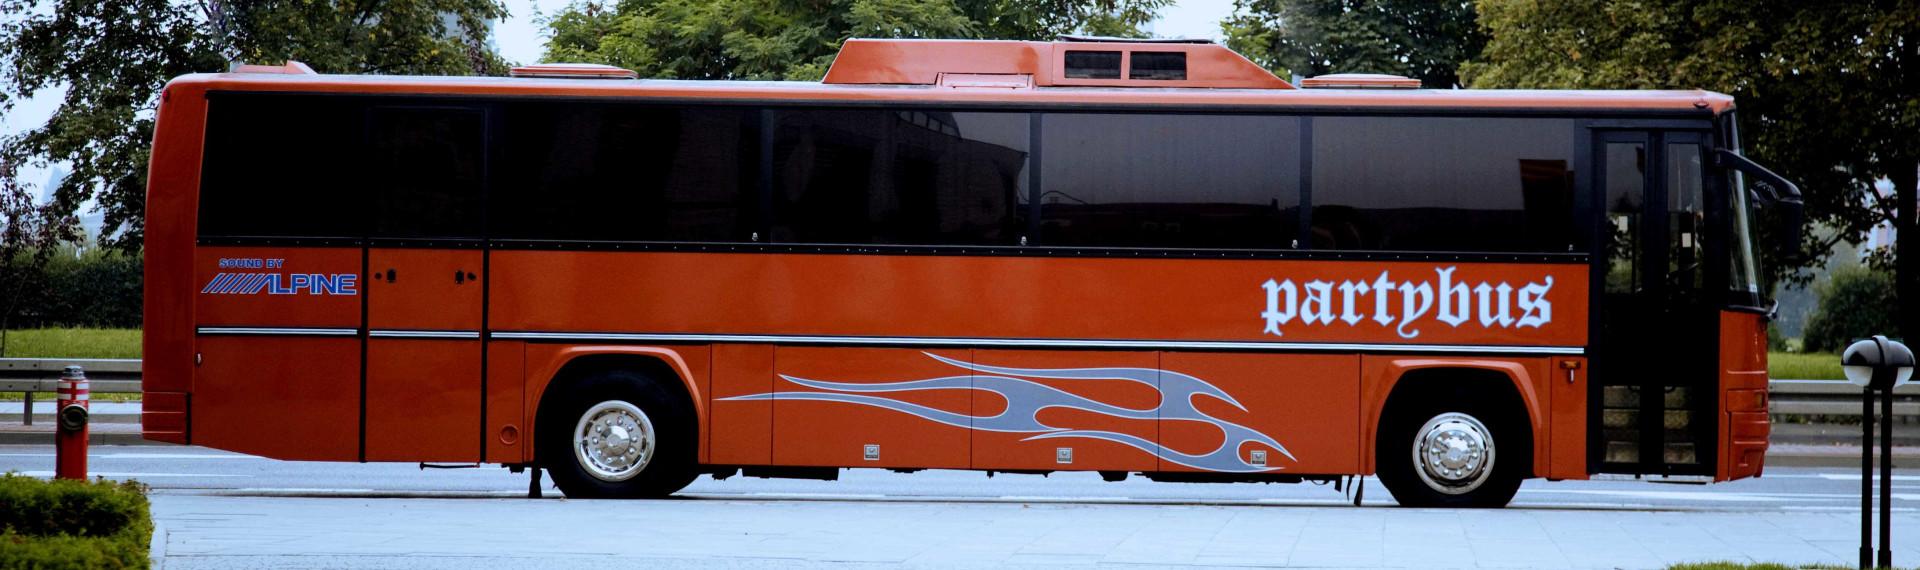 Partybus Tallinn